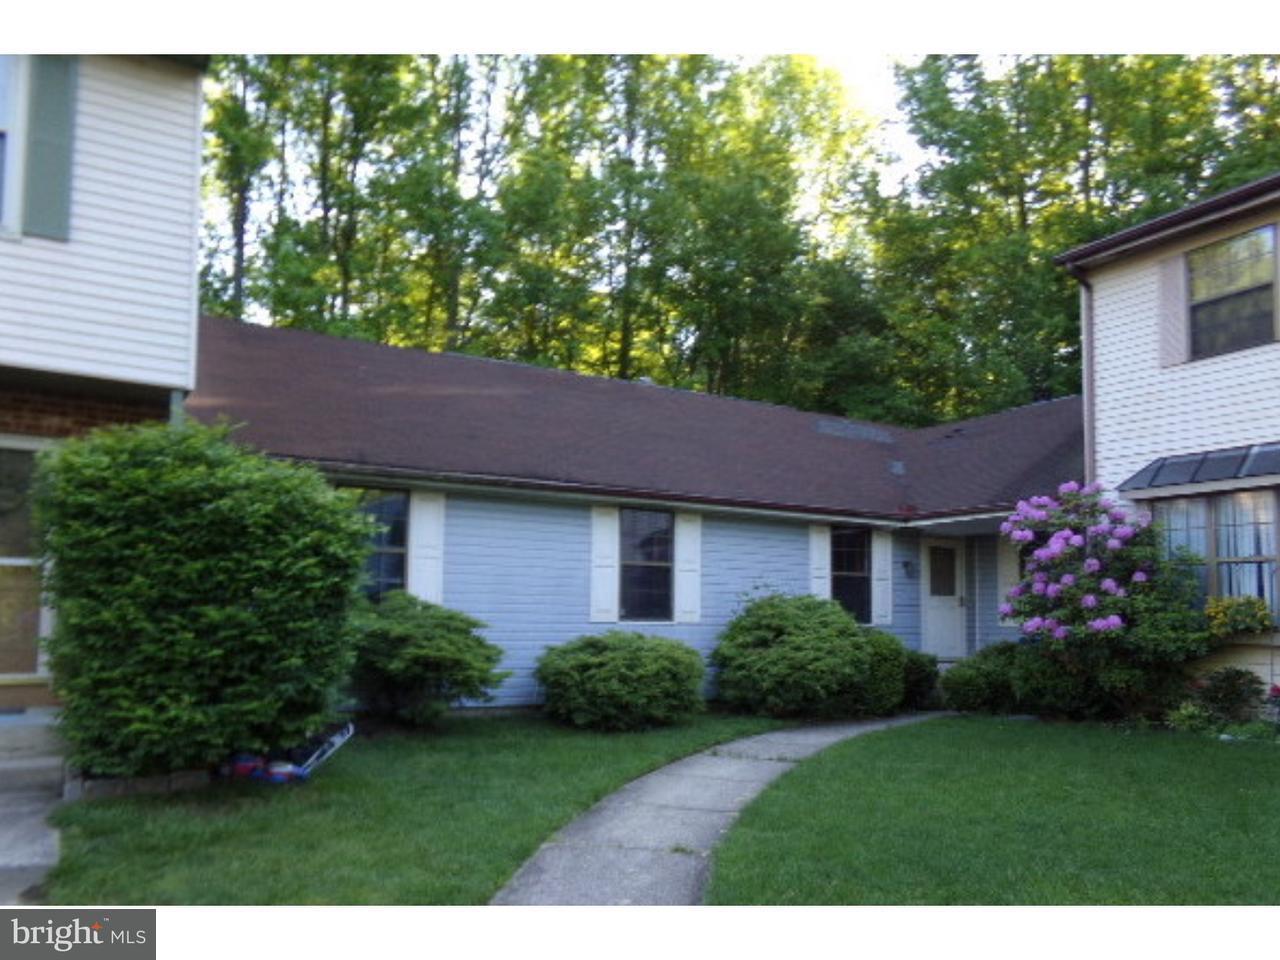 Casa unifamiliar adosada (Townhouse) por un Venta en 9 BLACKHAWK Court Medford, Nueva Jersey 08055 Estados Unidos